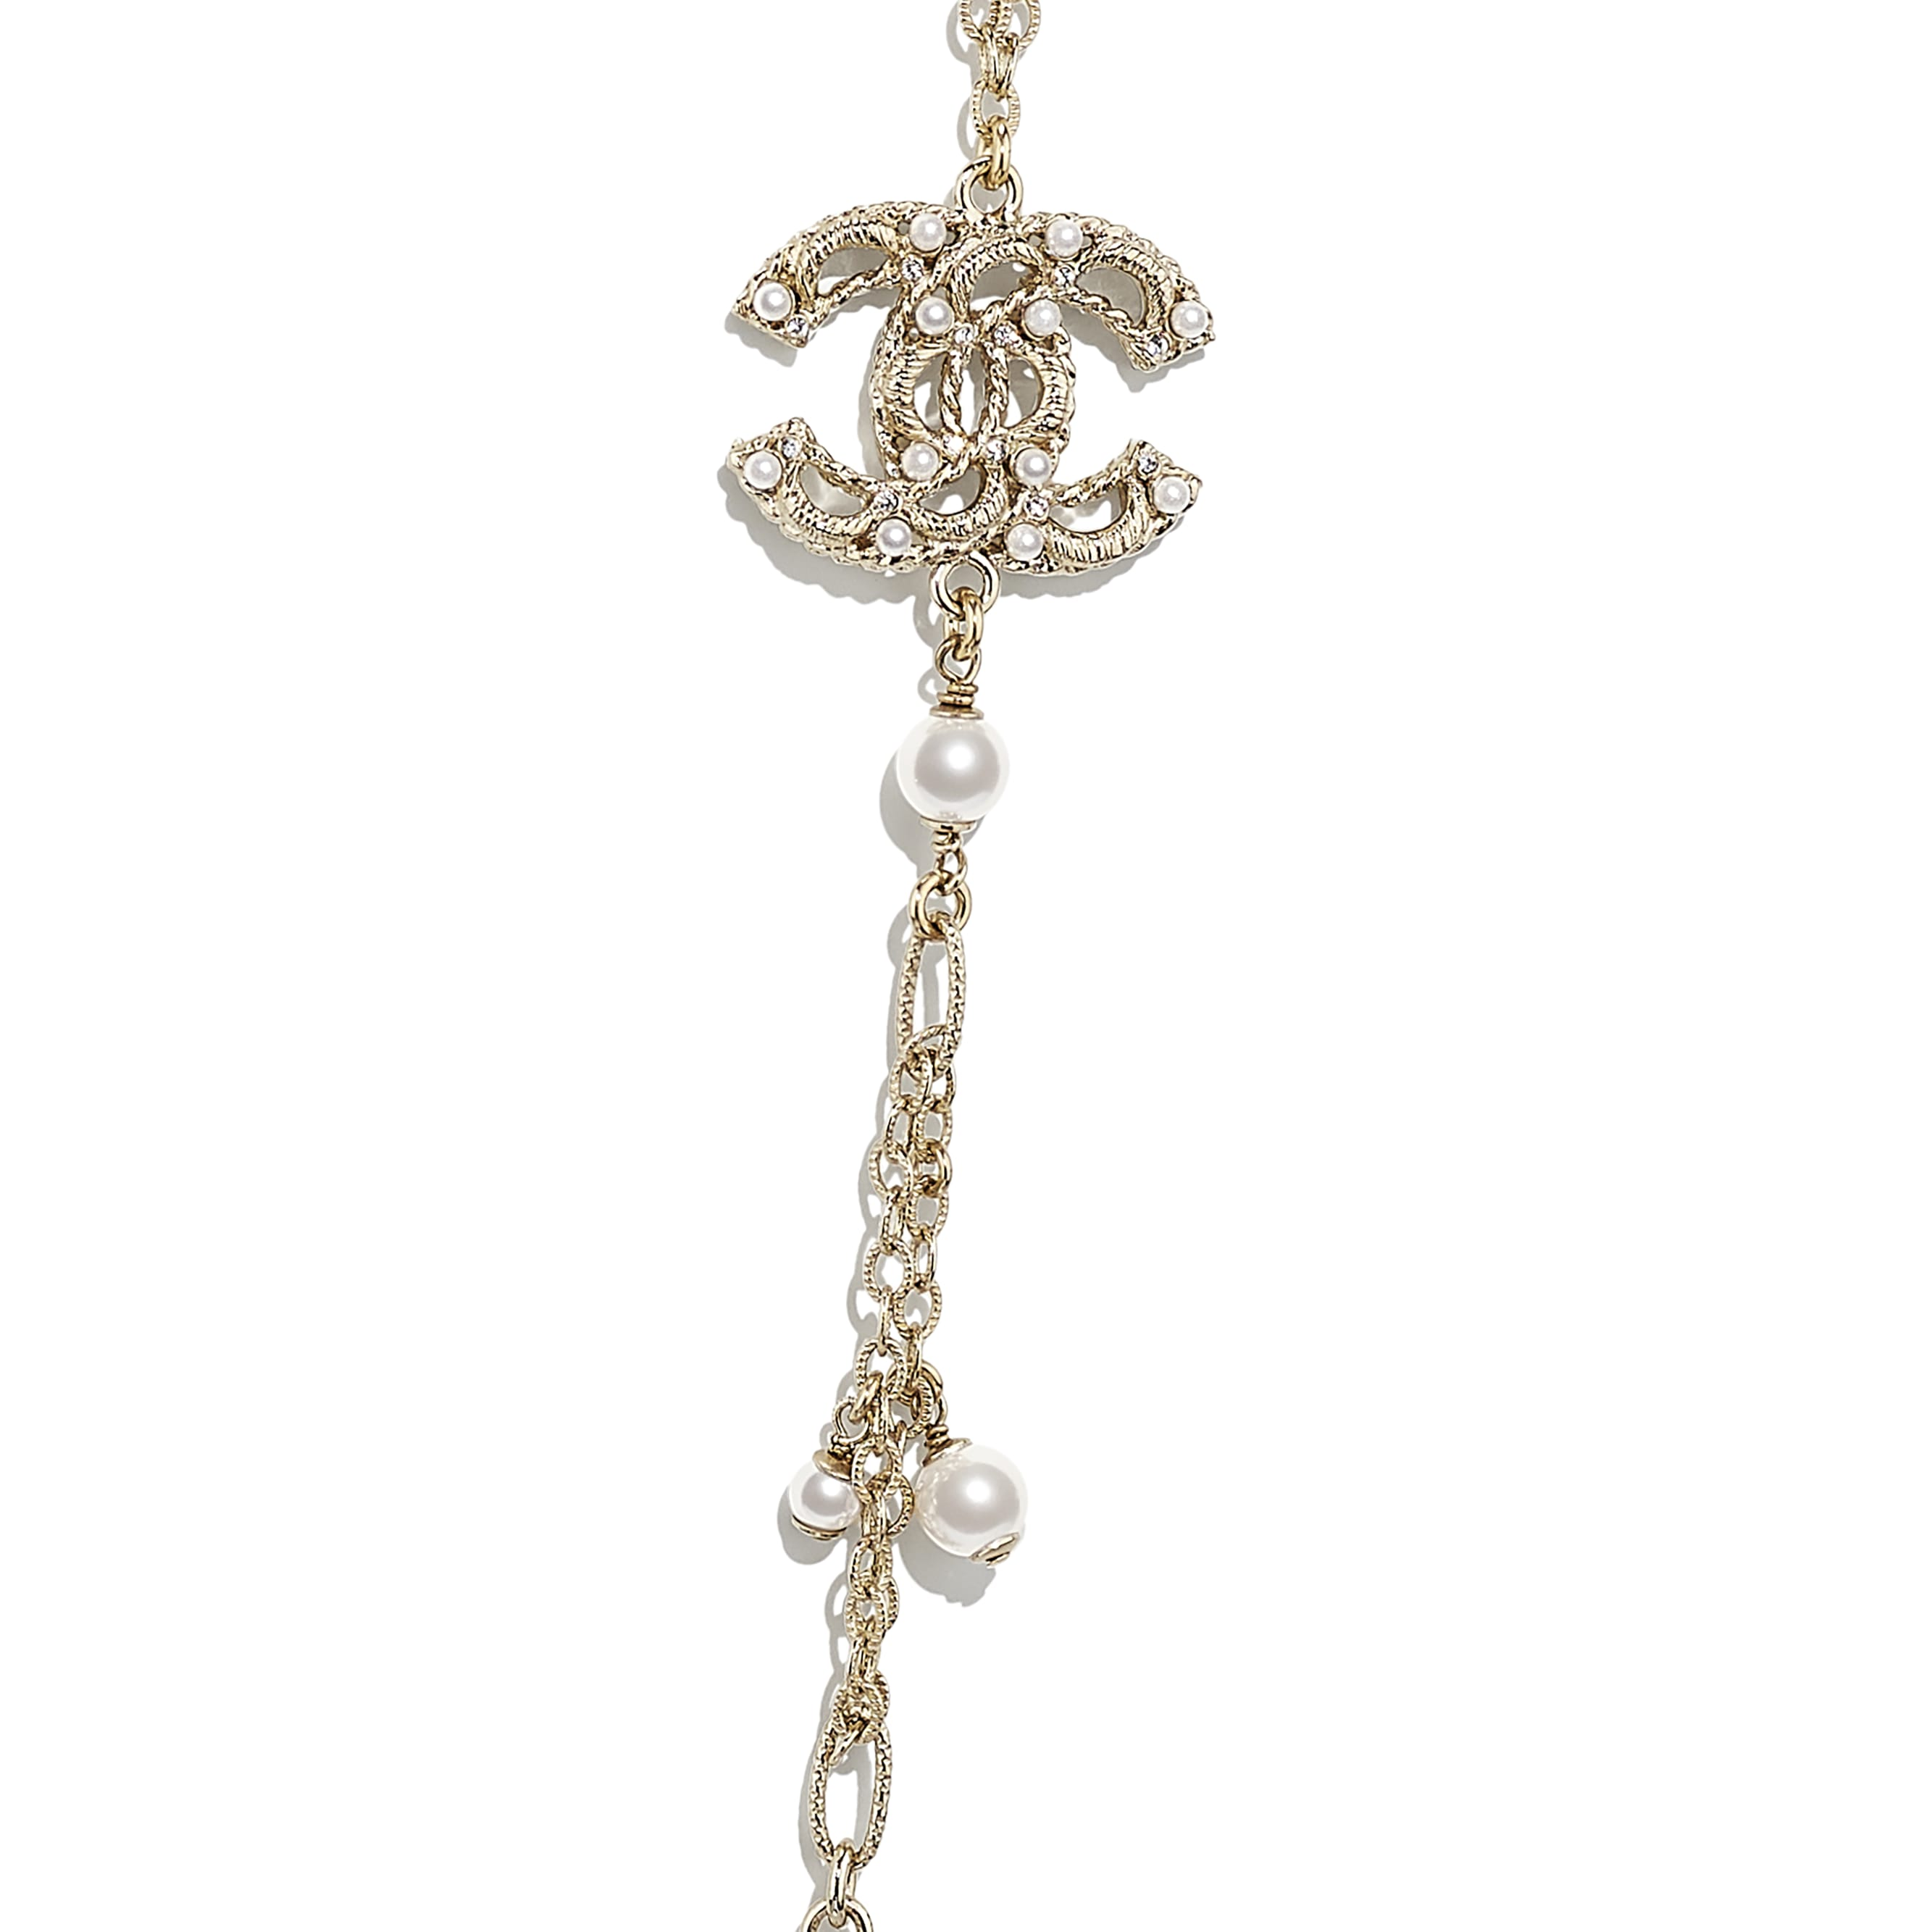 長項鏈 - 金、珍珠白與水晶 - 金屬、琉璃珠與水鑽 - CHANEL - 其他視圖 - 查看標準尺寸版本